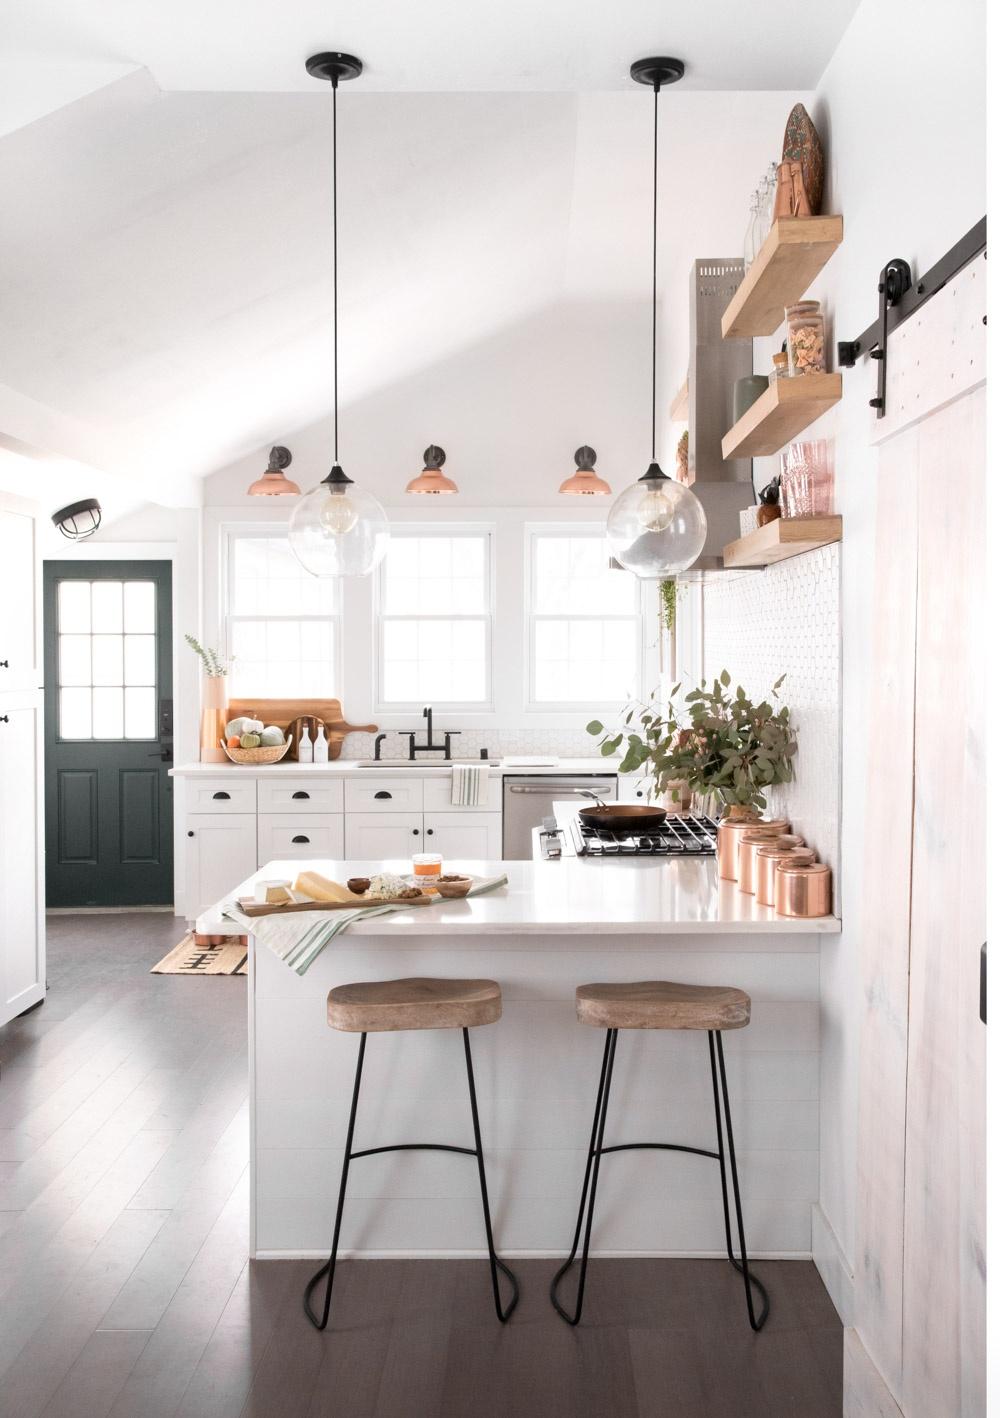 kitchen3_01